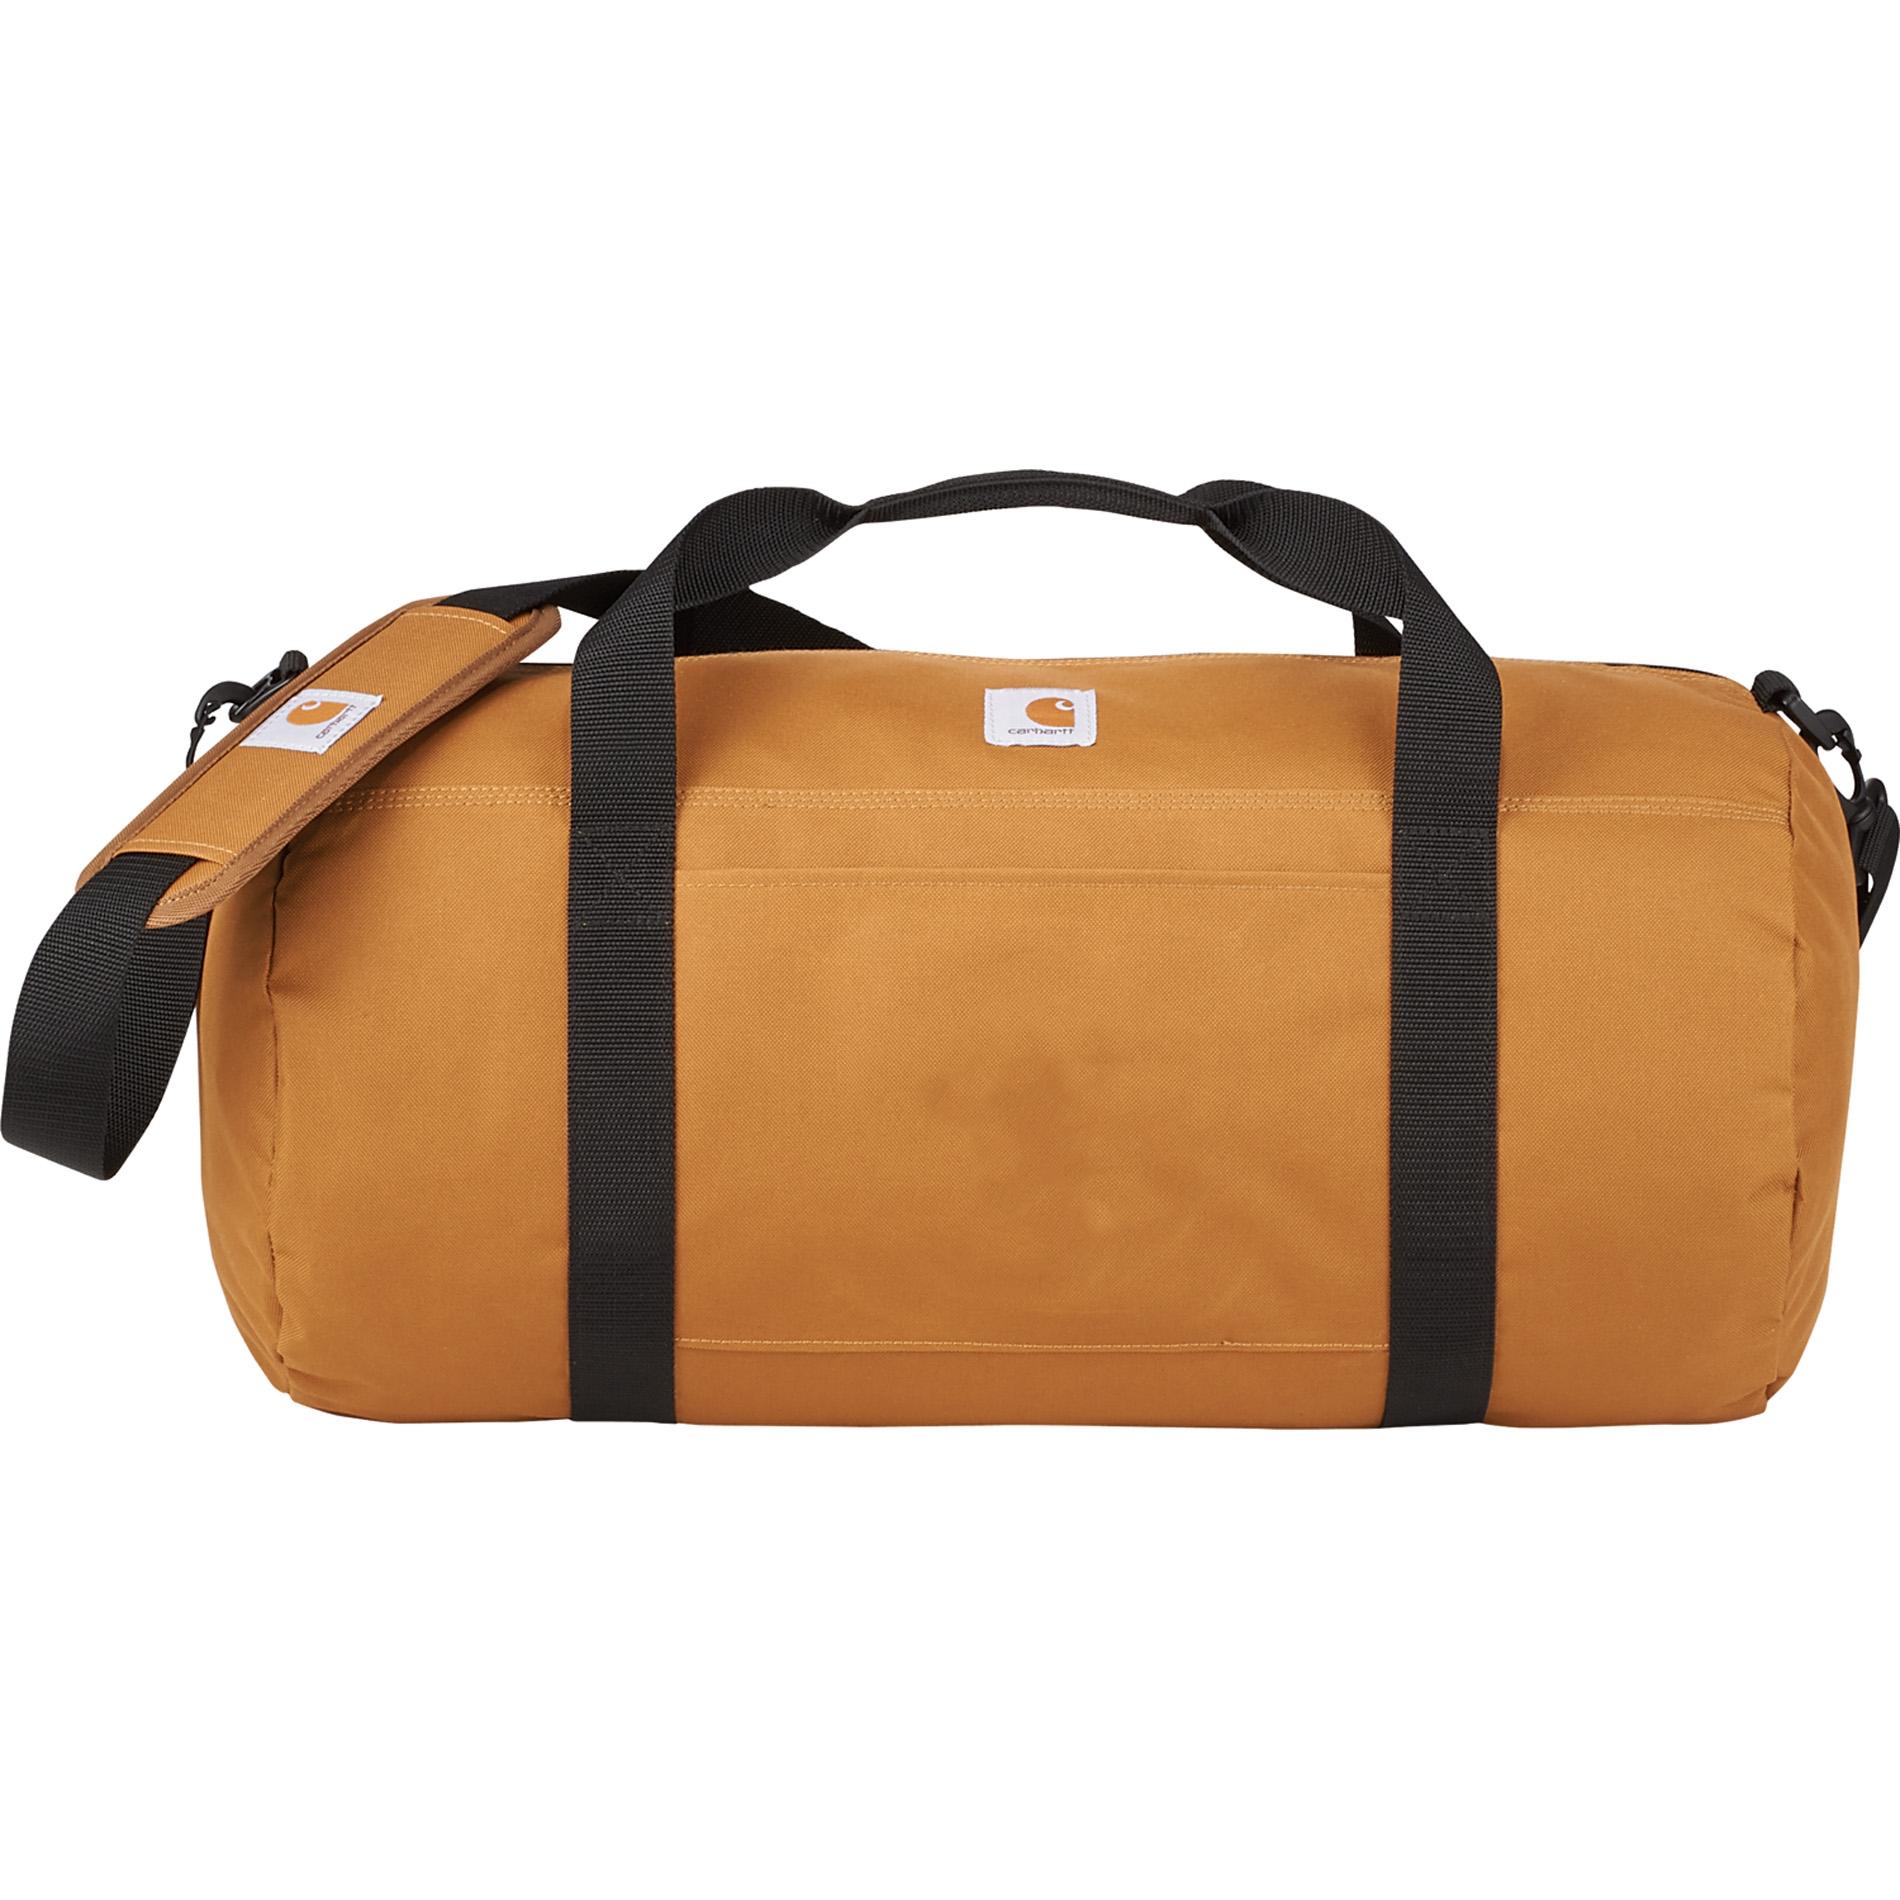 Carhartt 1889 92 20 Trade Packable Duffel Bag